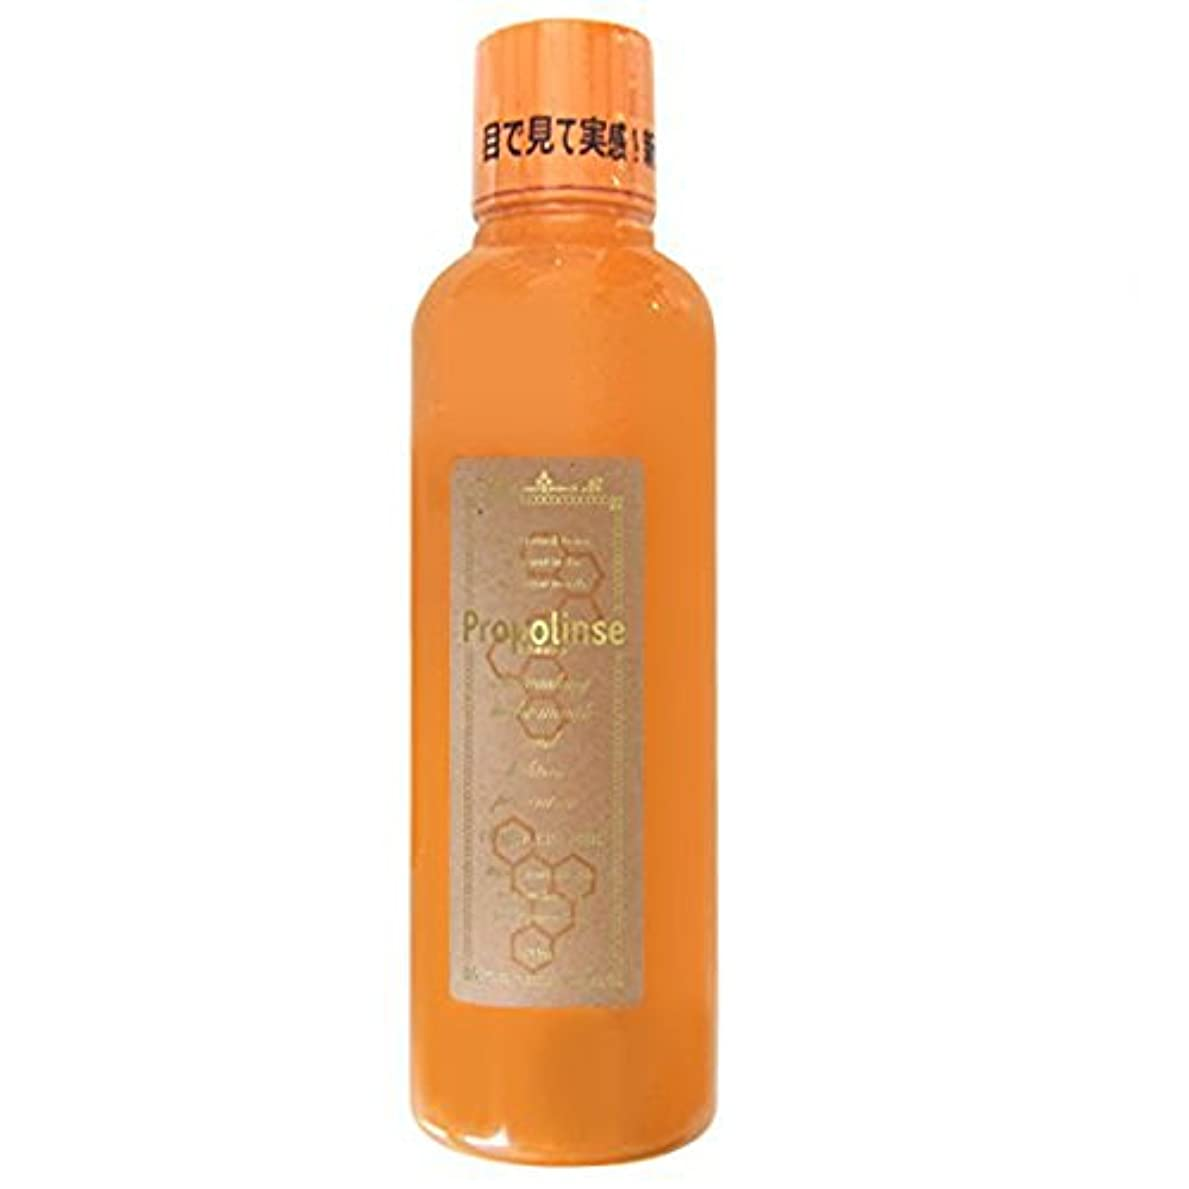 ピザ現代の森ピエラス プロポリンス ボトルタイプ 600ml 単品